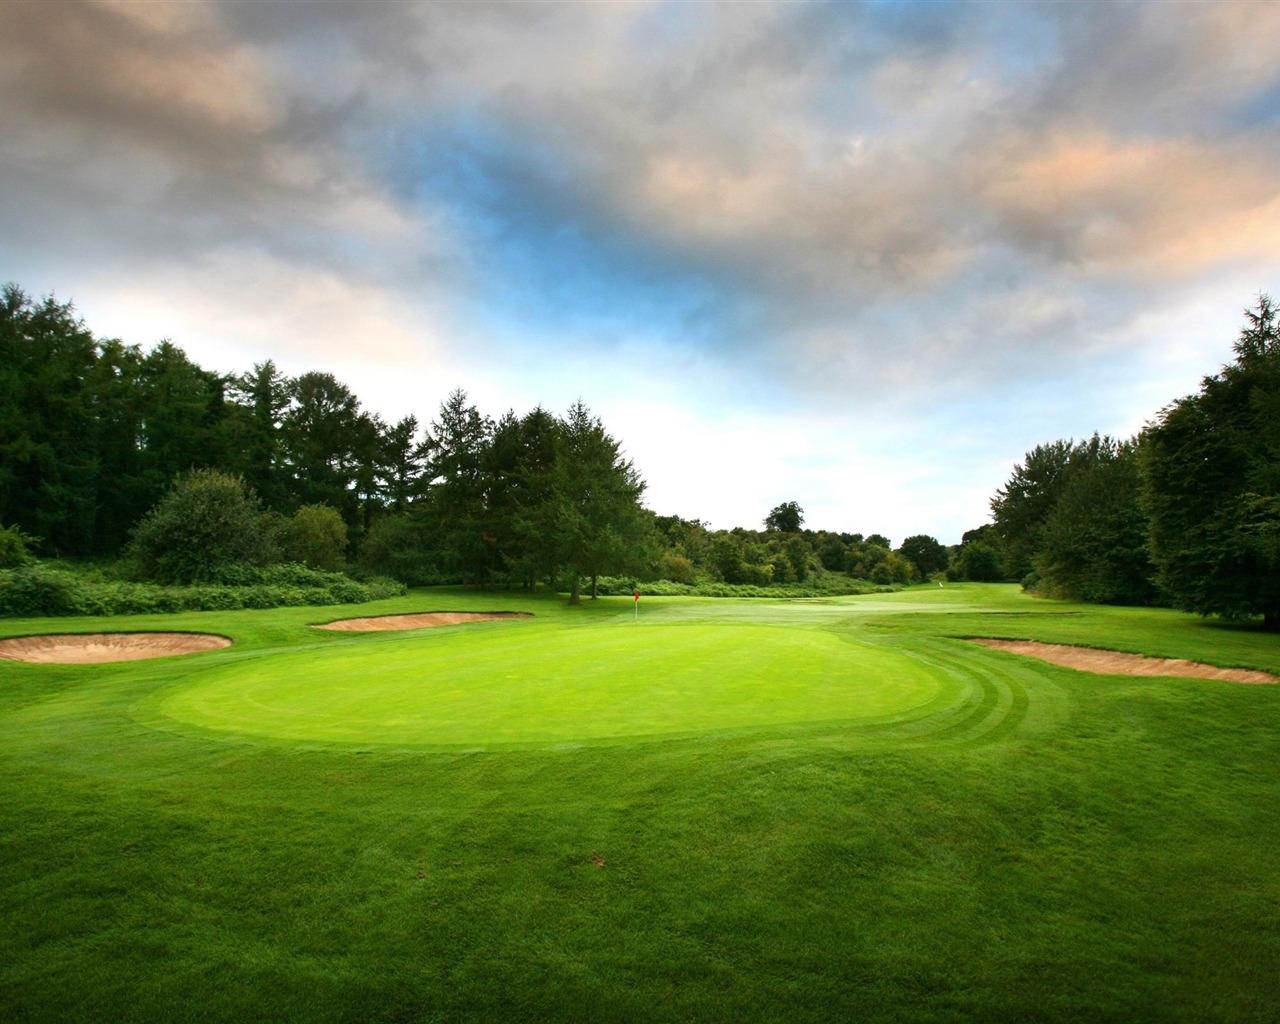 绿色高尔夫球-绝美的风景高清壁纸 - 1280x1024 壁纸 下载图片